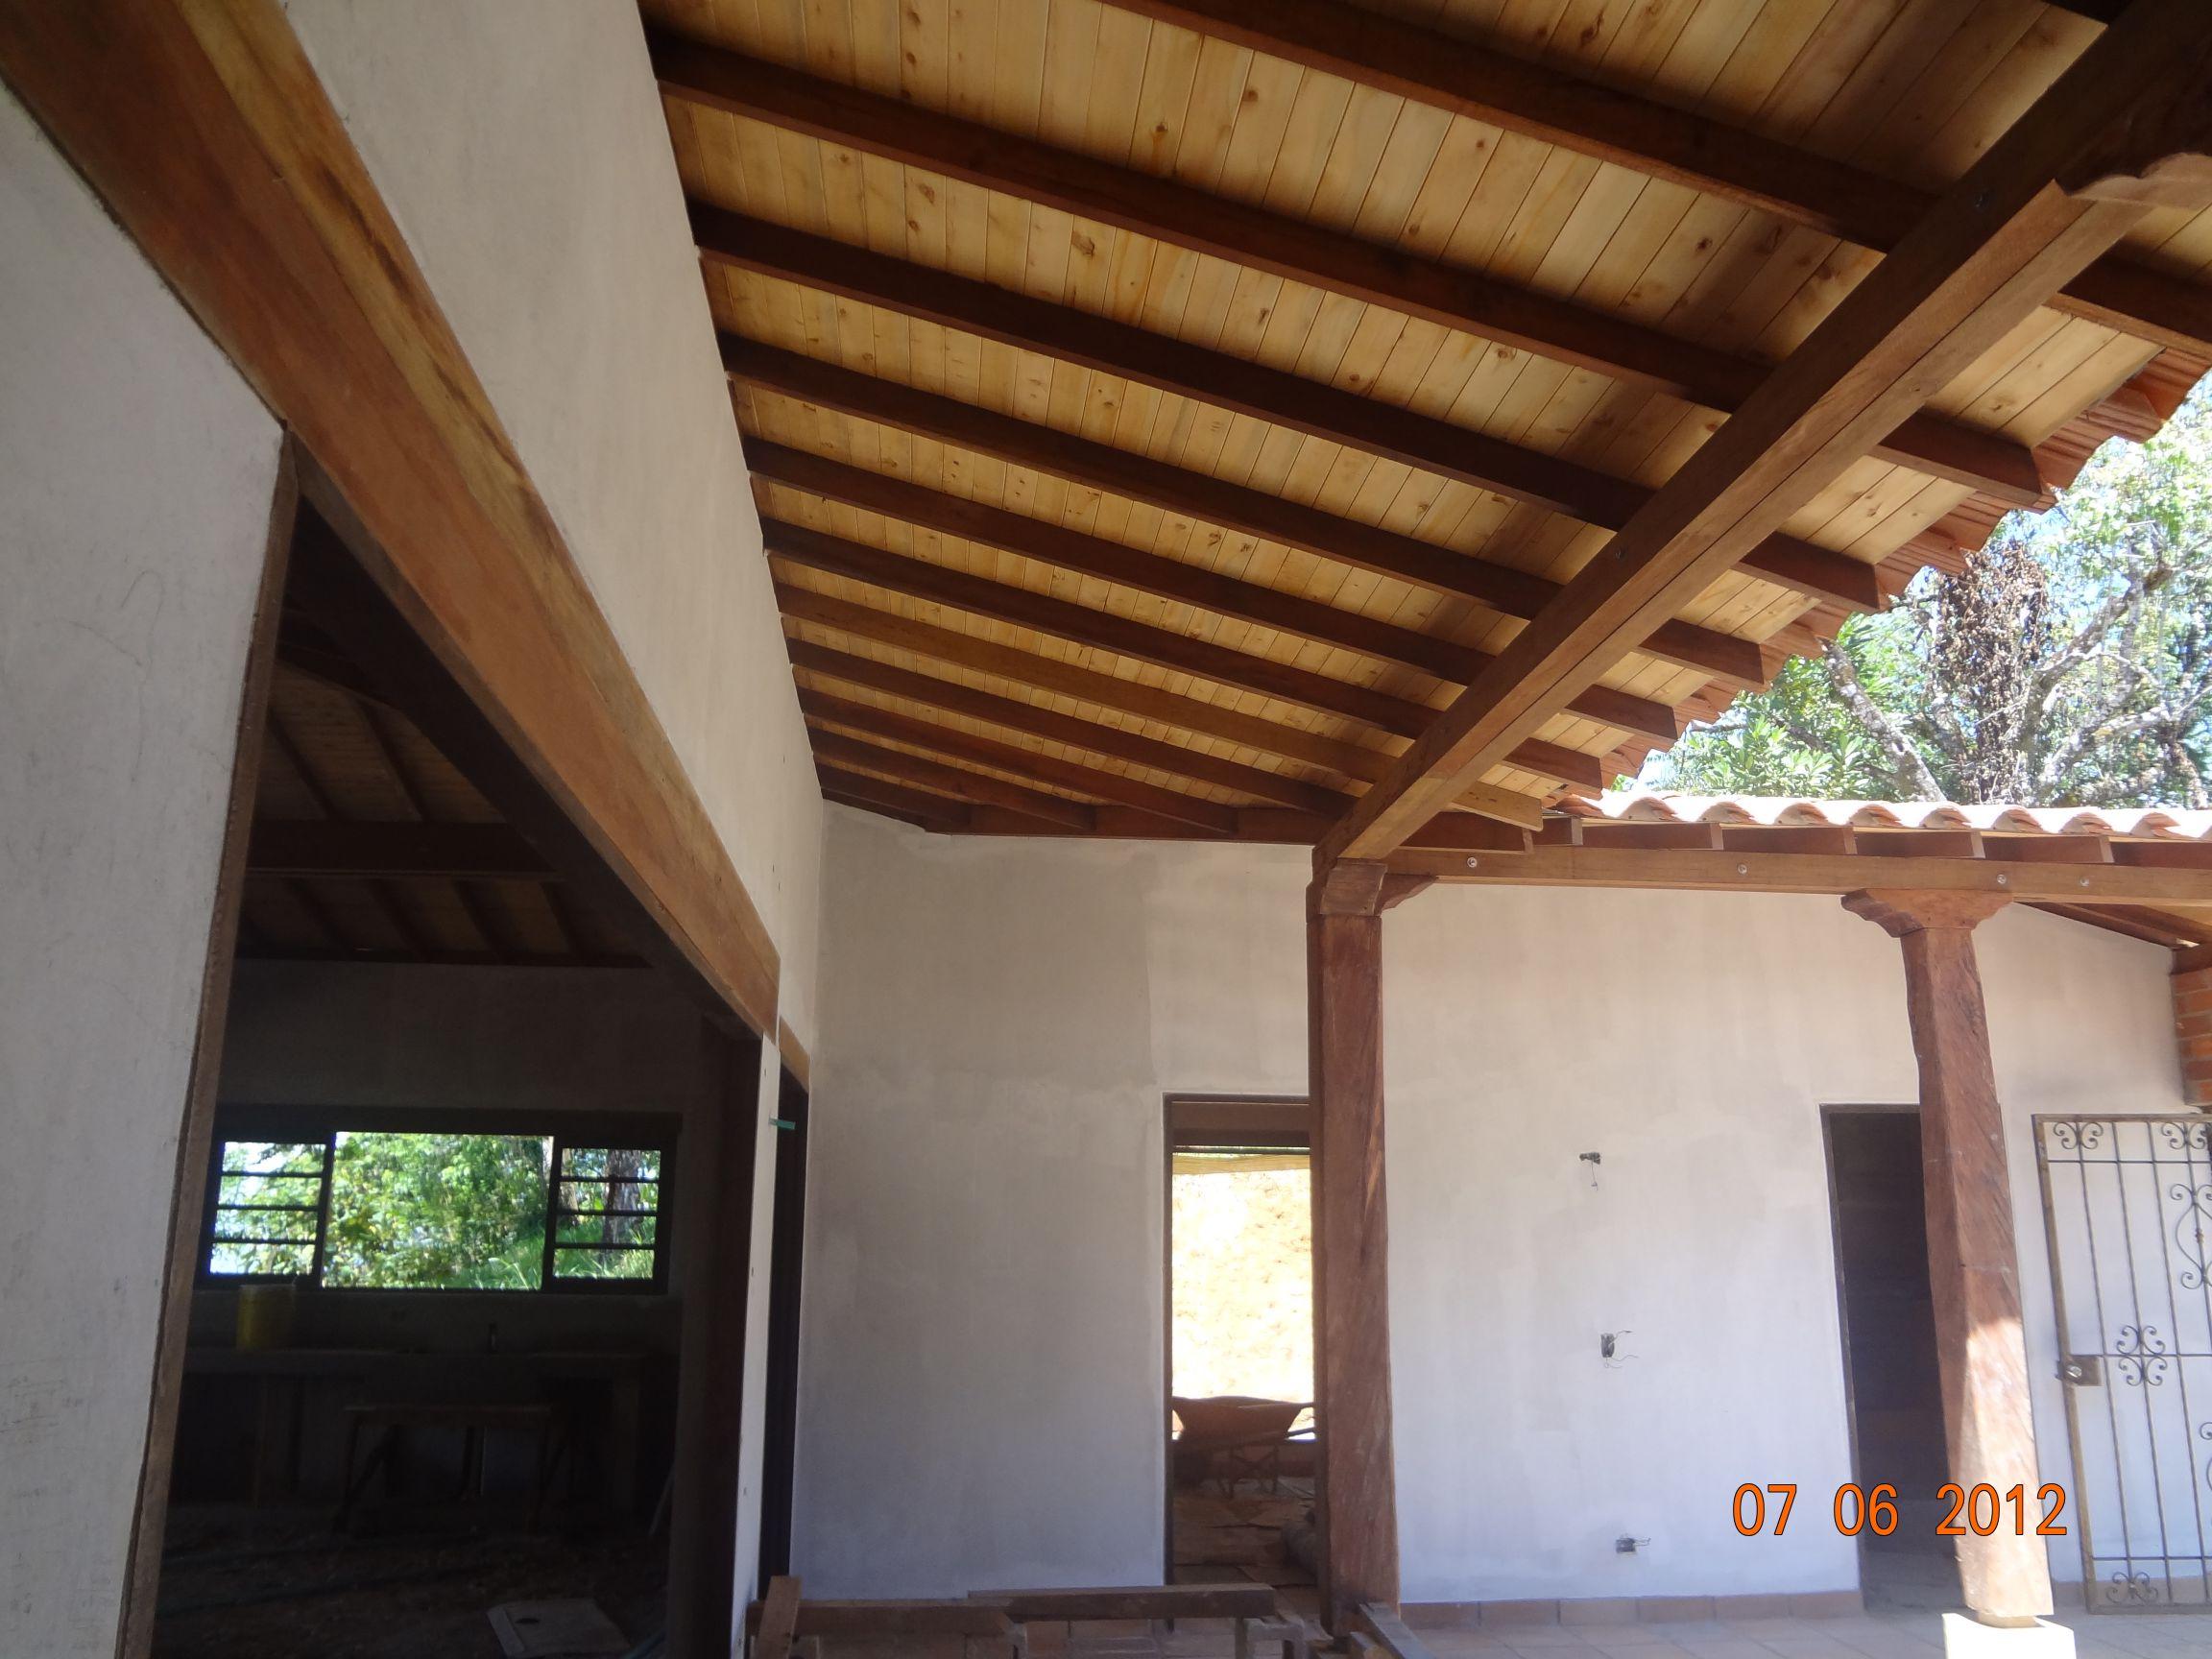 Materiales prefabricados casas prefabricadas - Materiales para casas prefabricadas ...